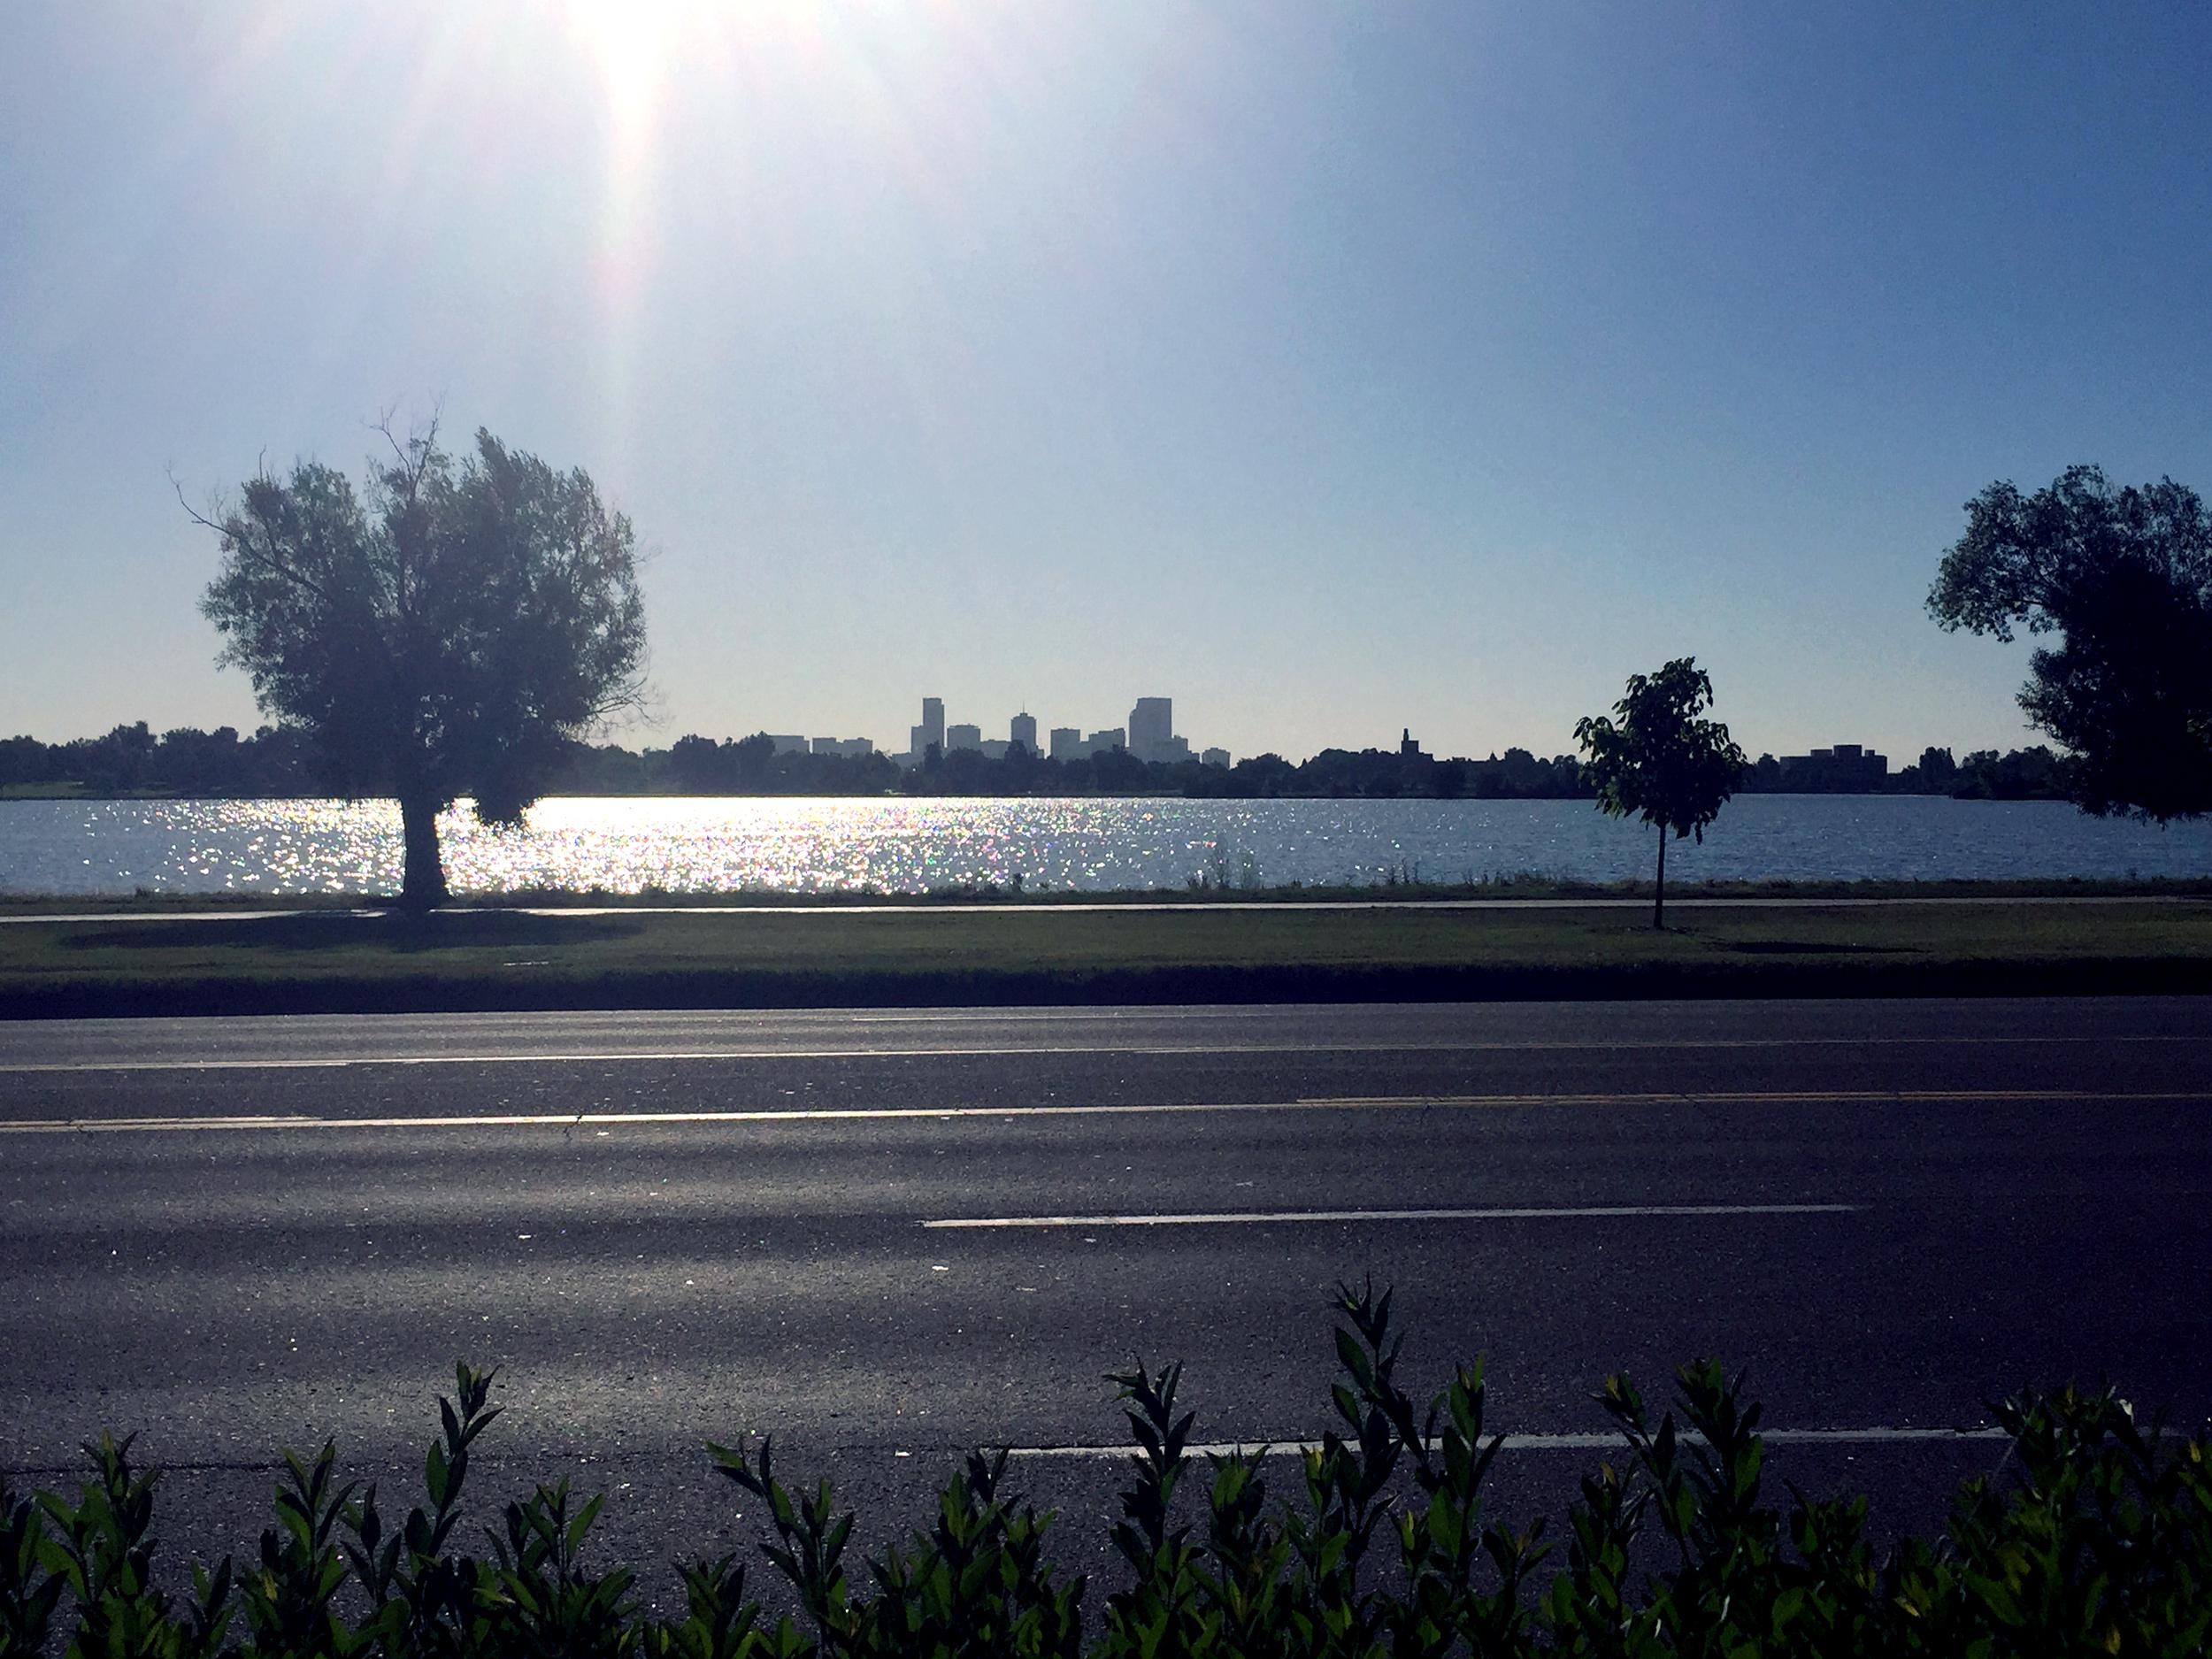 Sloans Lake copy.jpg